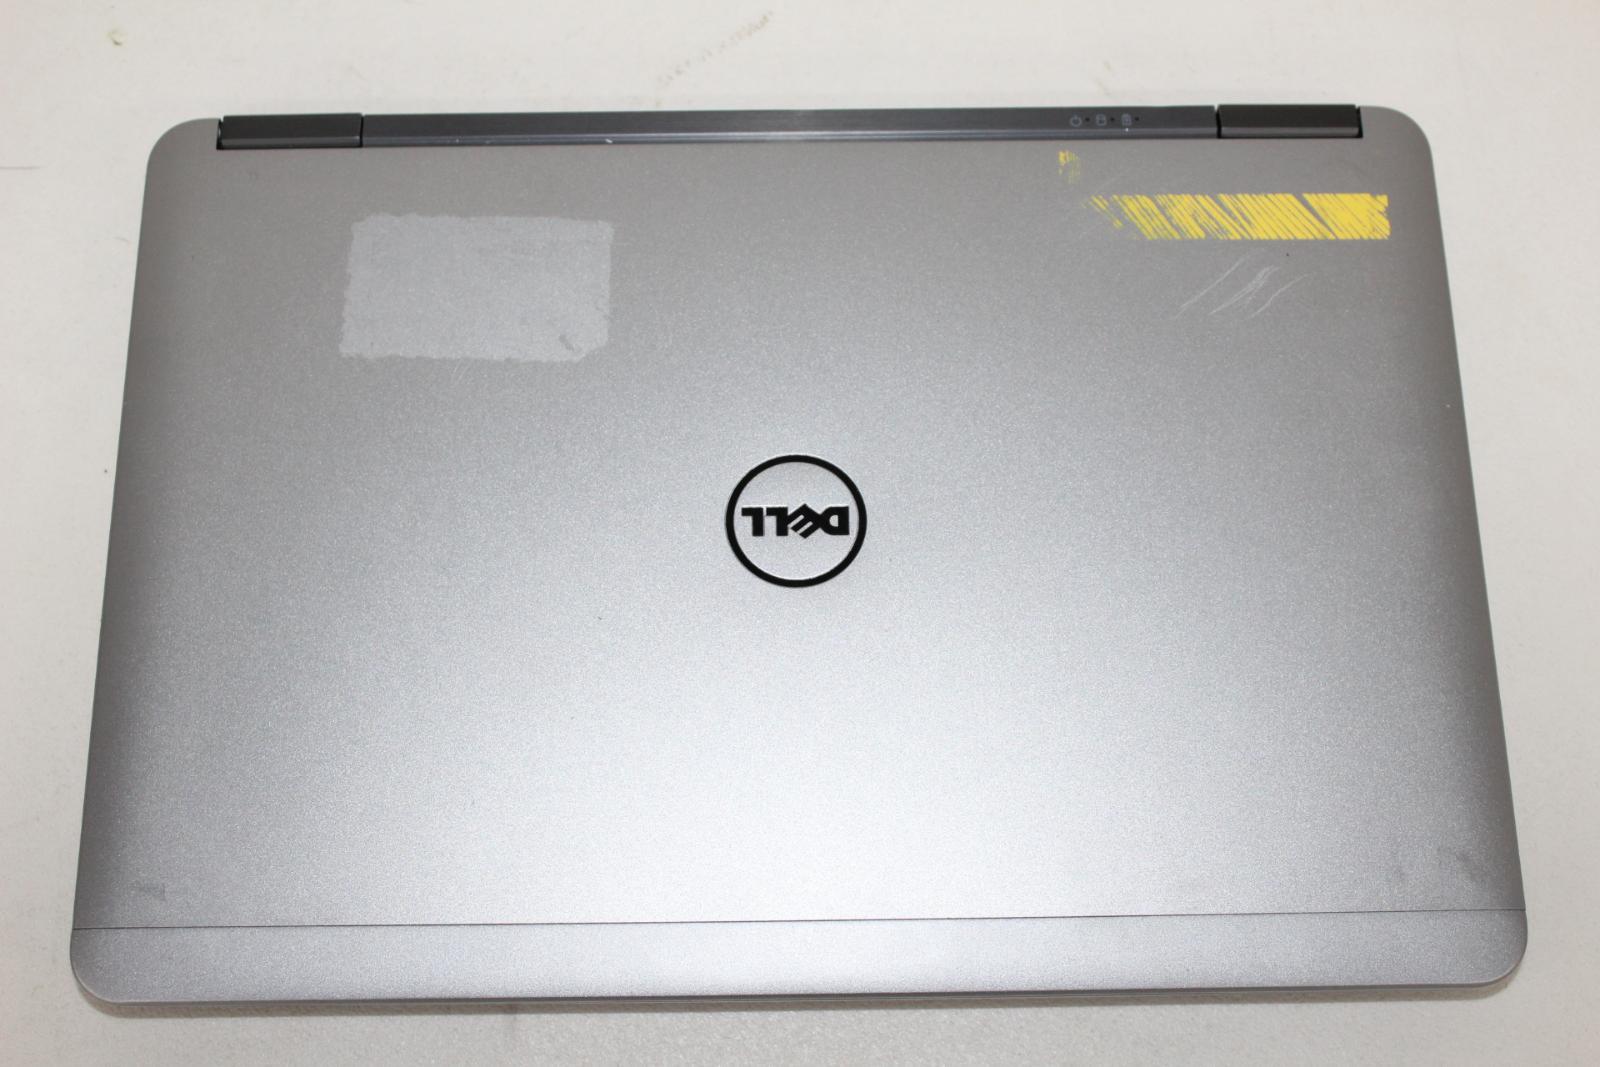 DELL-Latitude-E7240-Argent-IntelCore-i7-vPro-12-034-sans-disque-dur-RAM-ordinateur-portable miniature 7